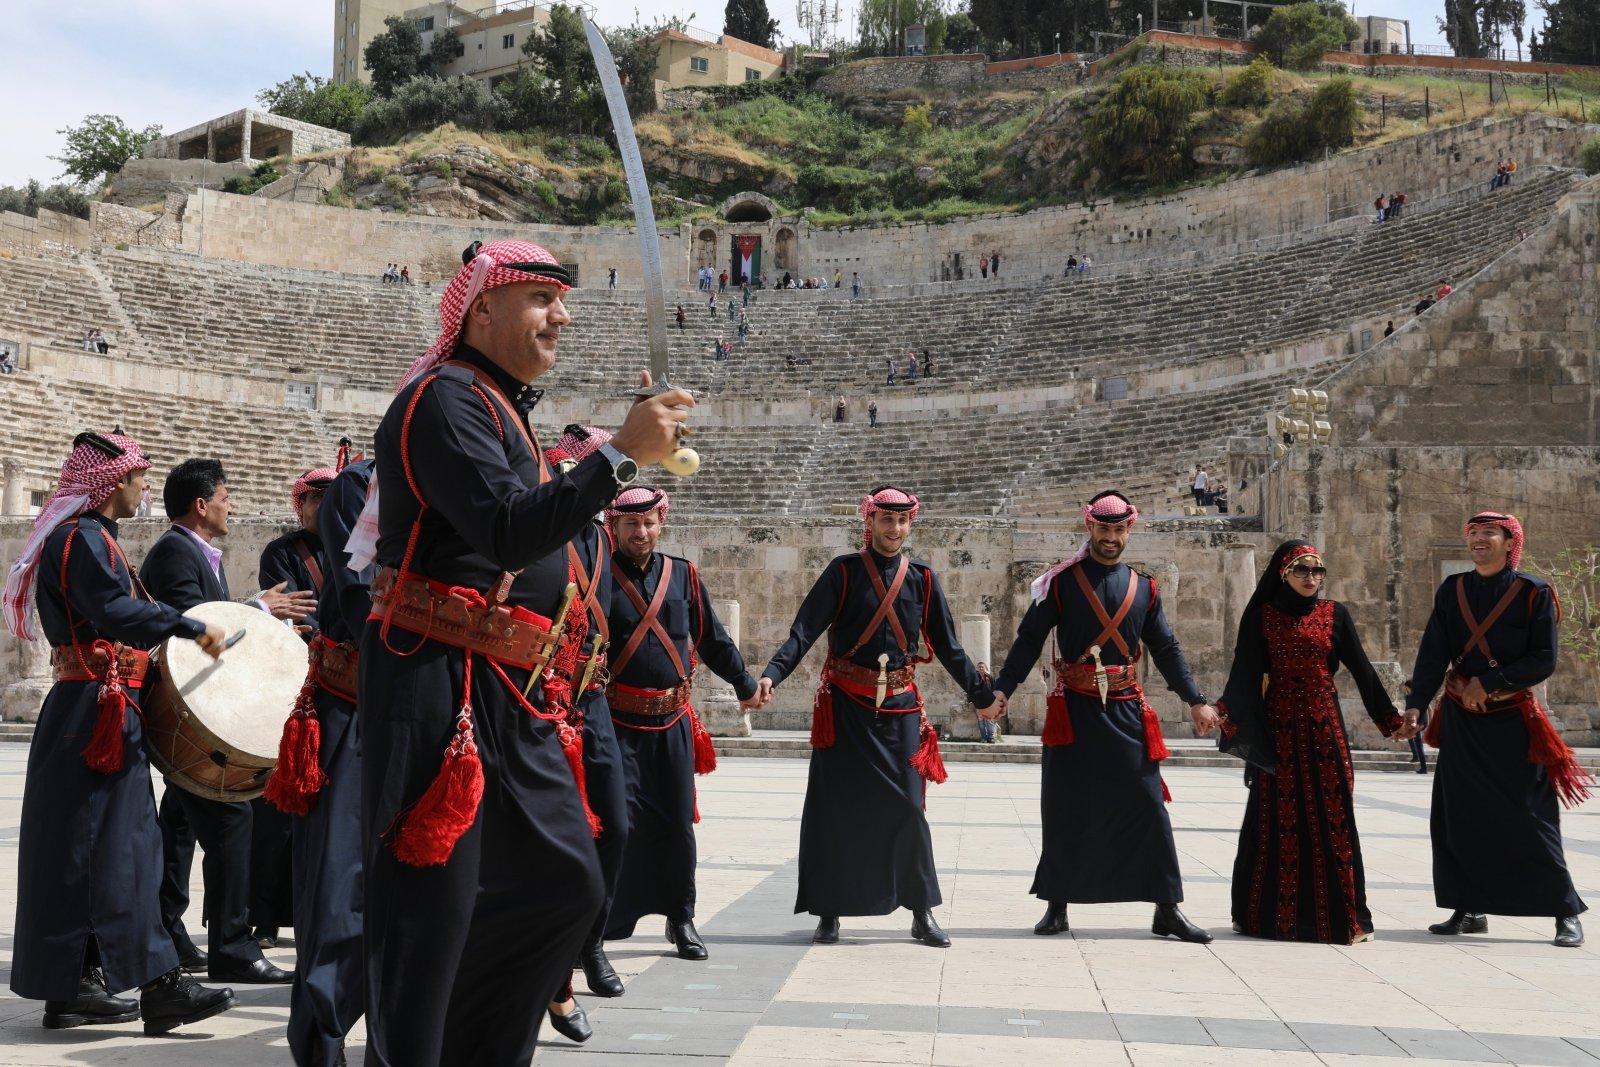 Jordańscy tancerze naprzeciwko rzymskiego teatru w Ammanie promują Middle East Peace Tour.